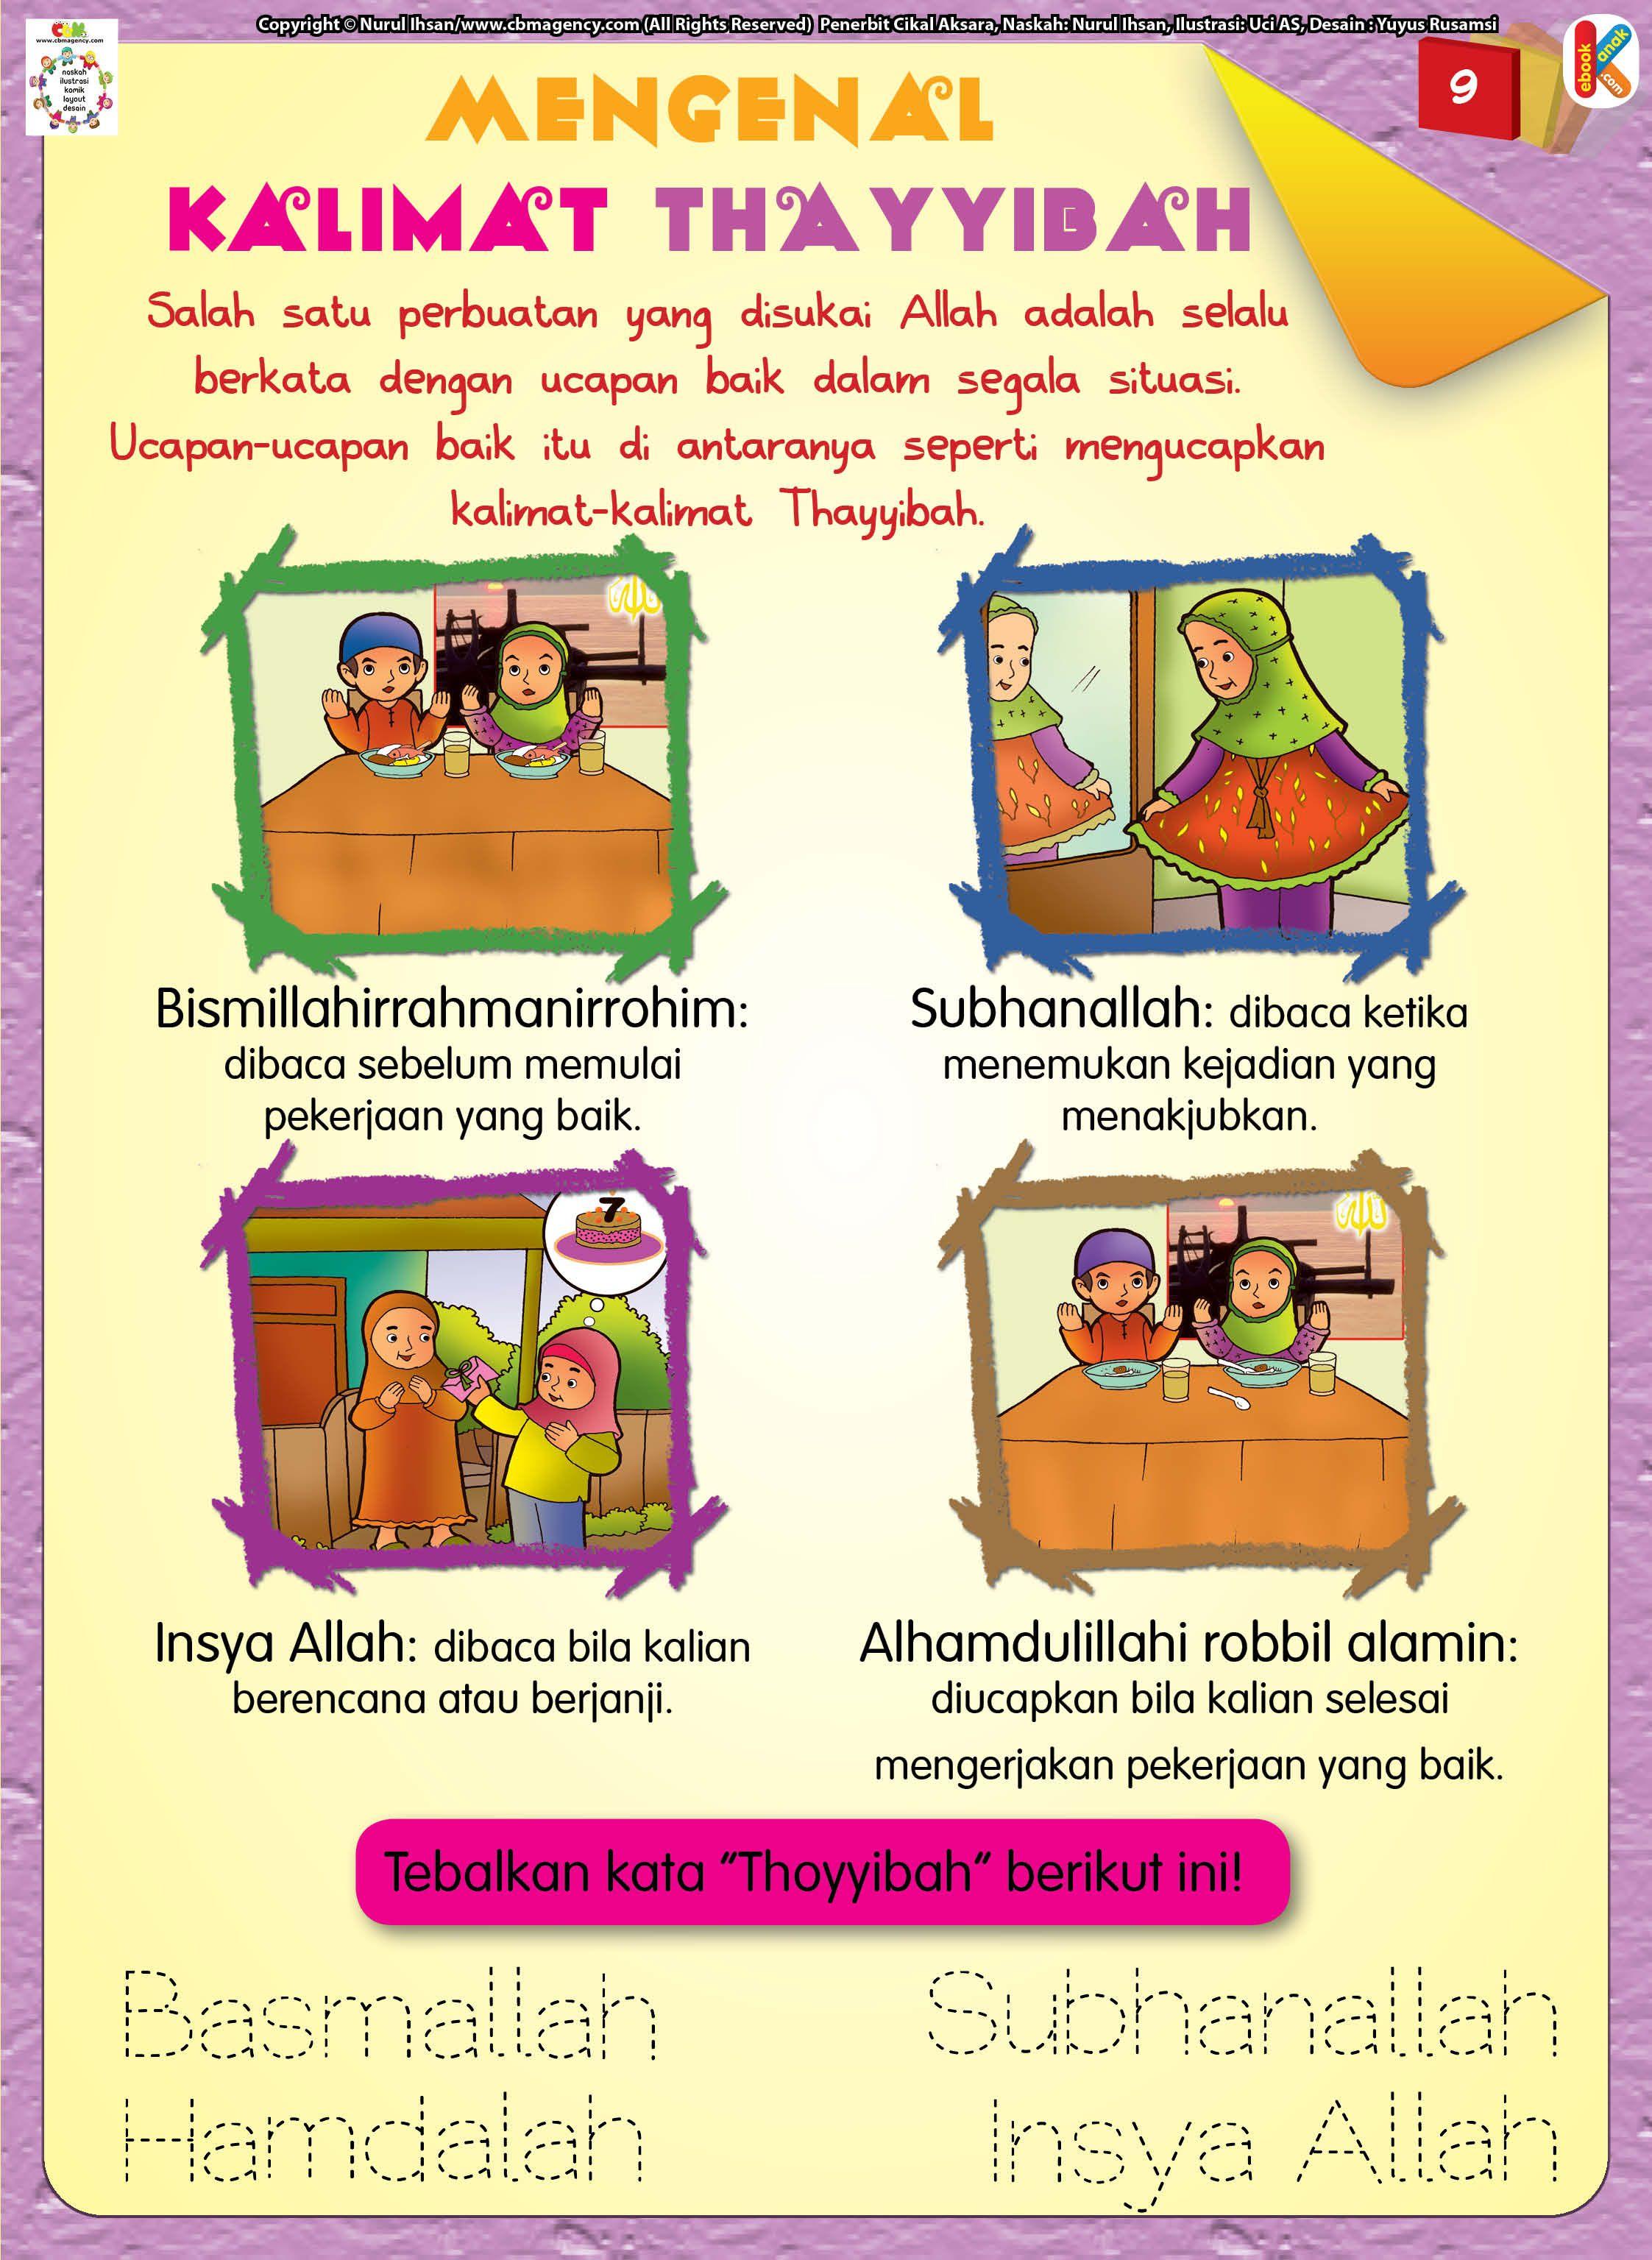 Mengenal Kalimat Thayyibah